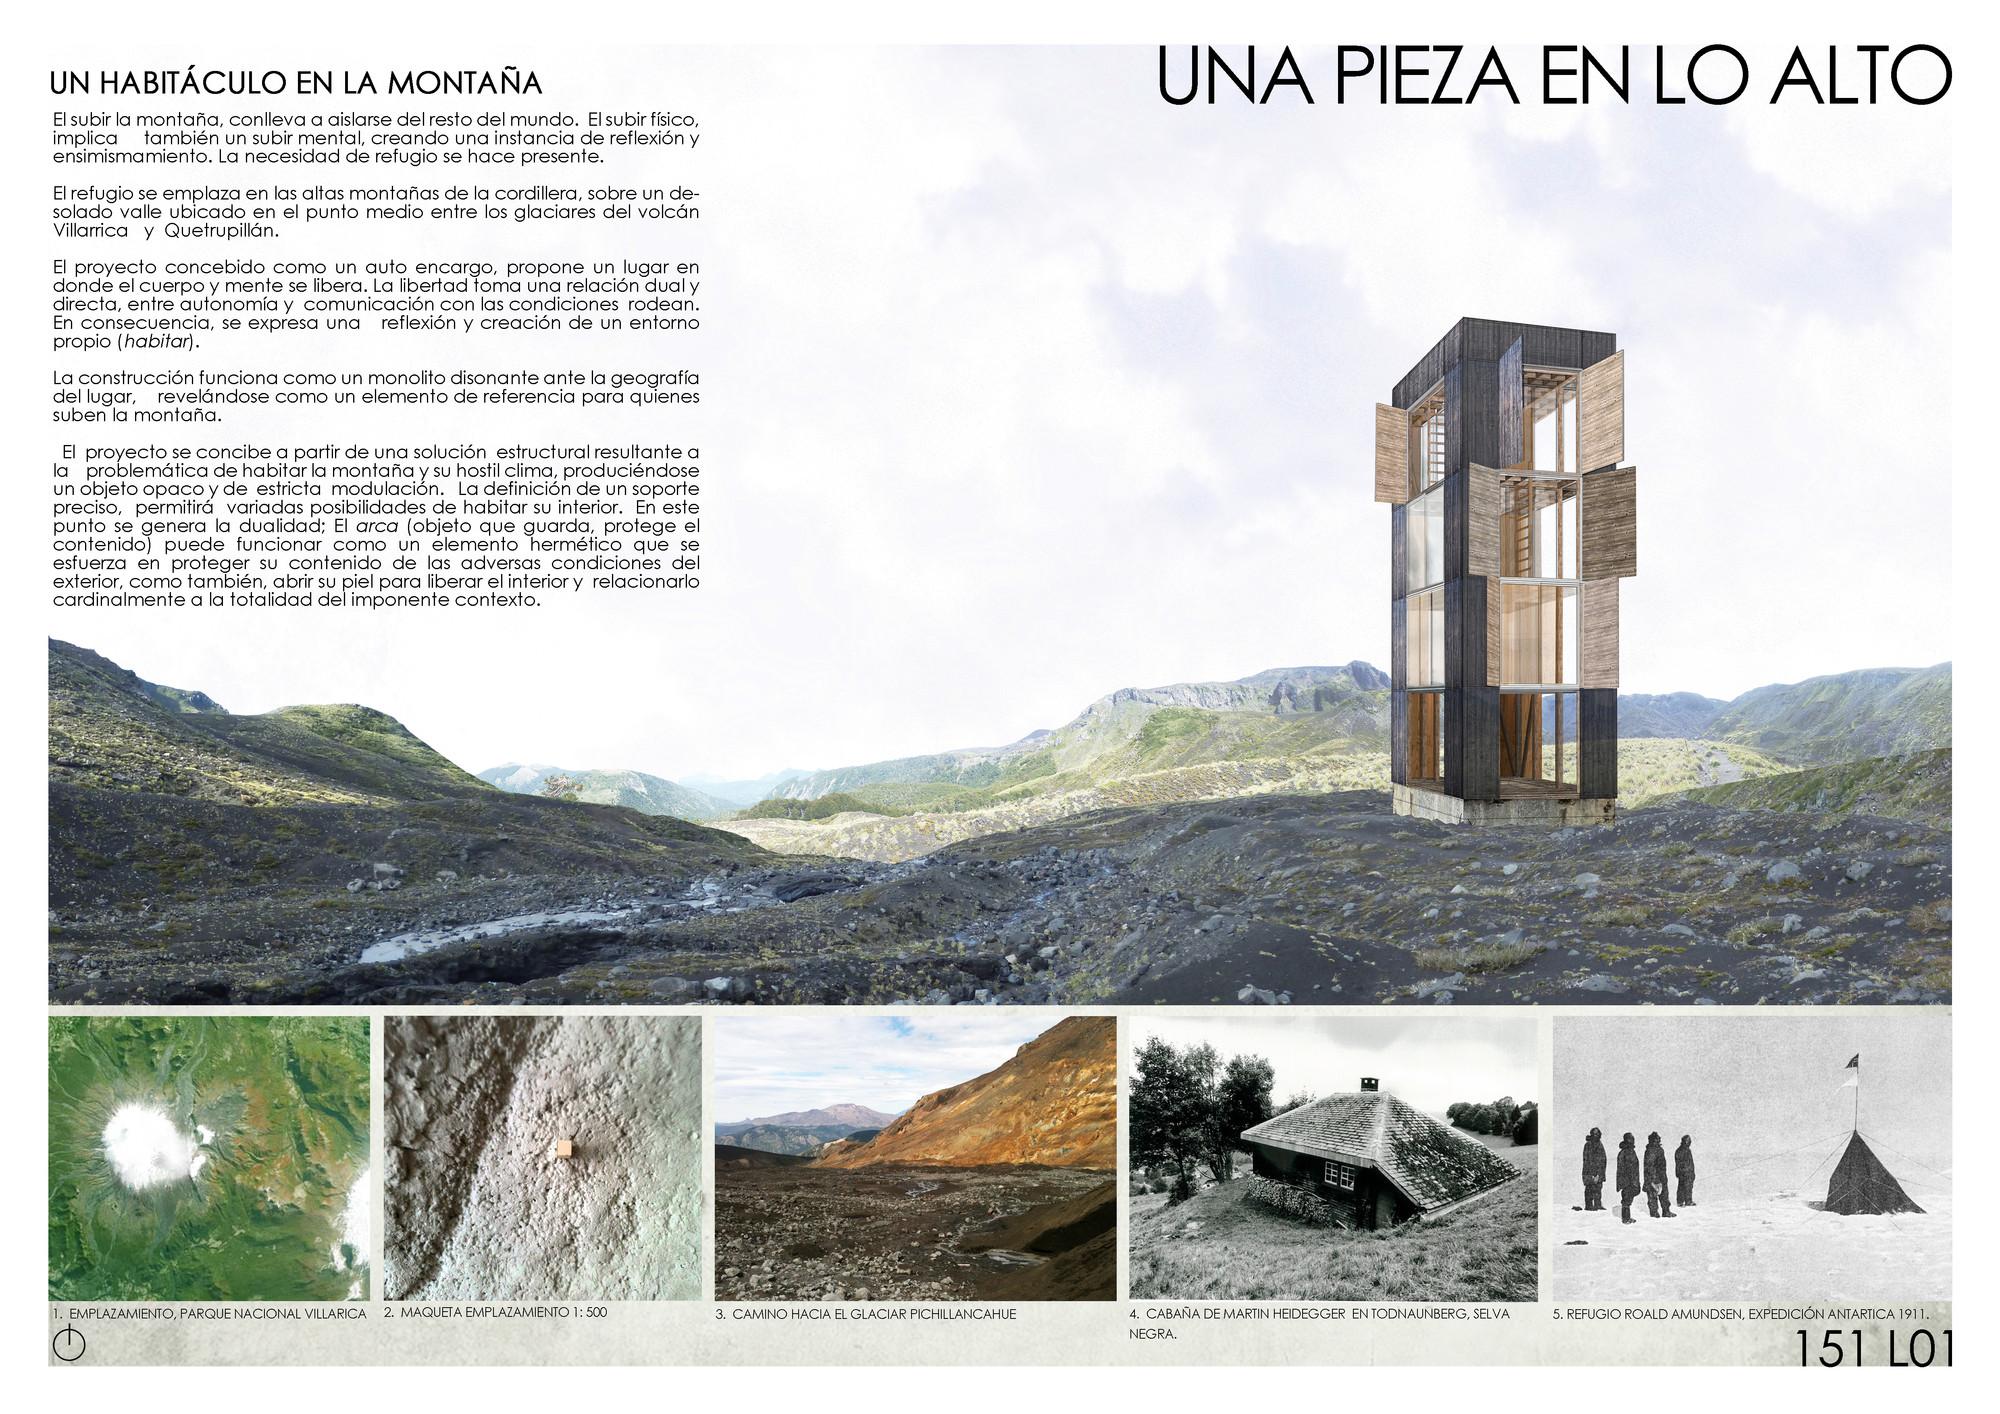 Mención Honrosa: Una pieza en lo alto. Image Courtesy of Nicolás Moraga Herrera